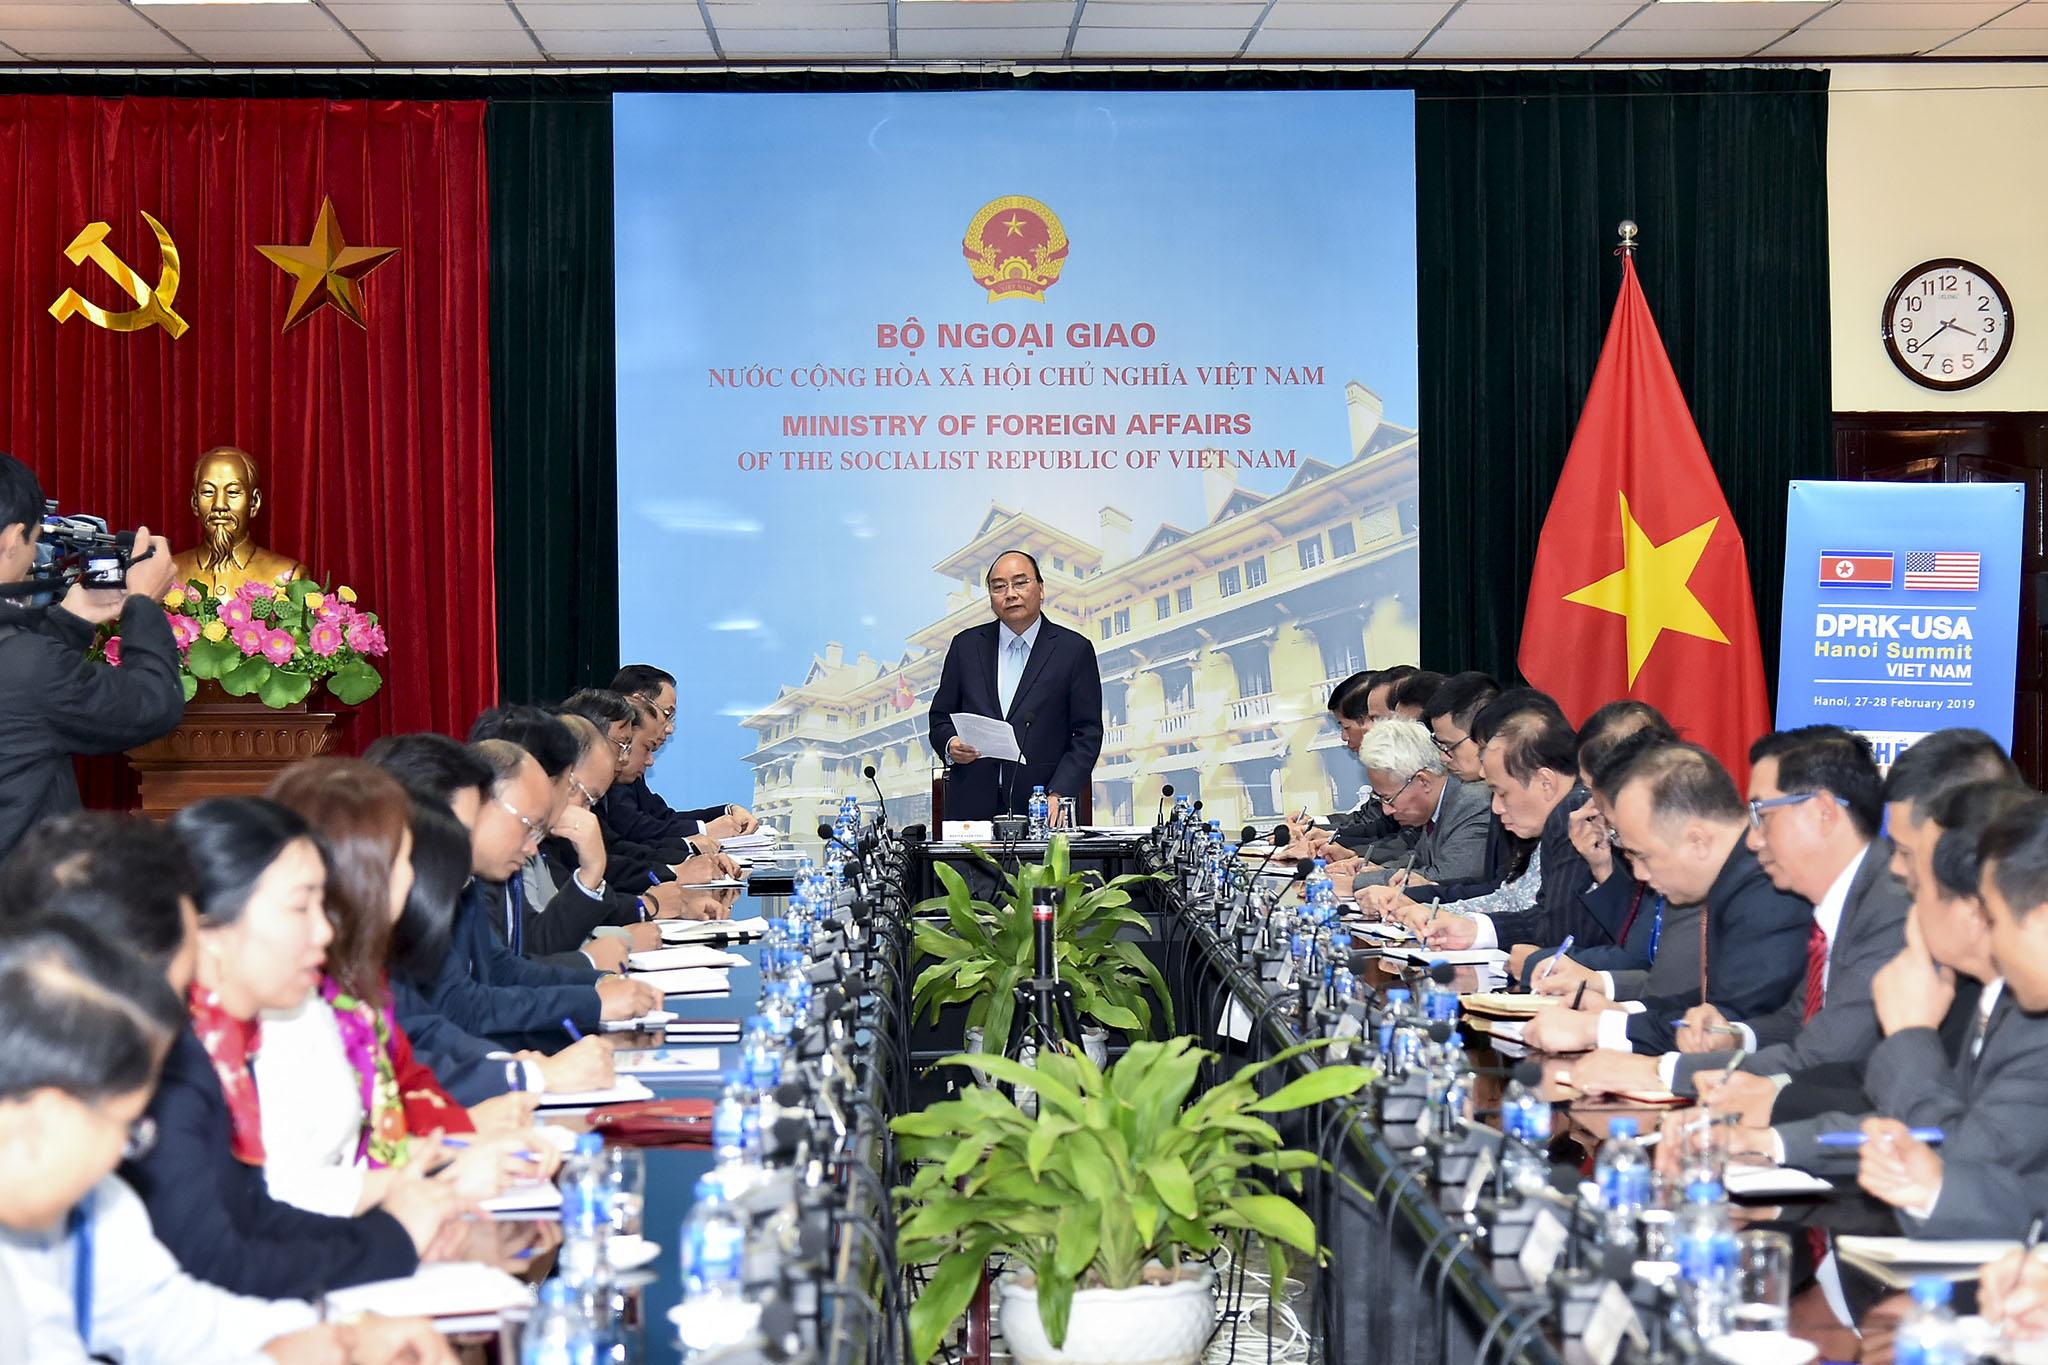 Lan tỏa hình ảnh đẹp về đất nước, con người Việt Nam với thế giới